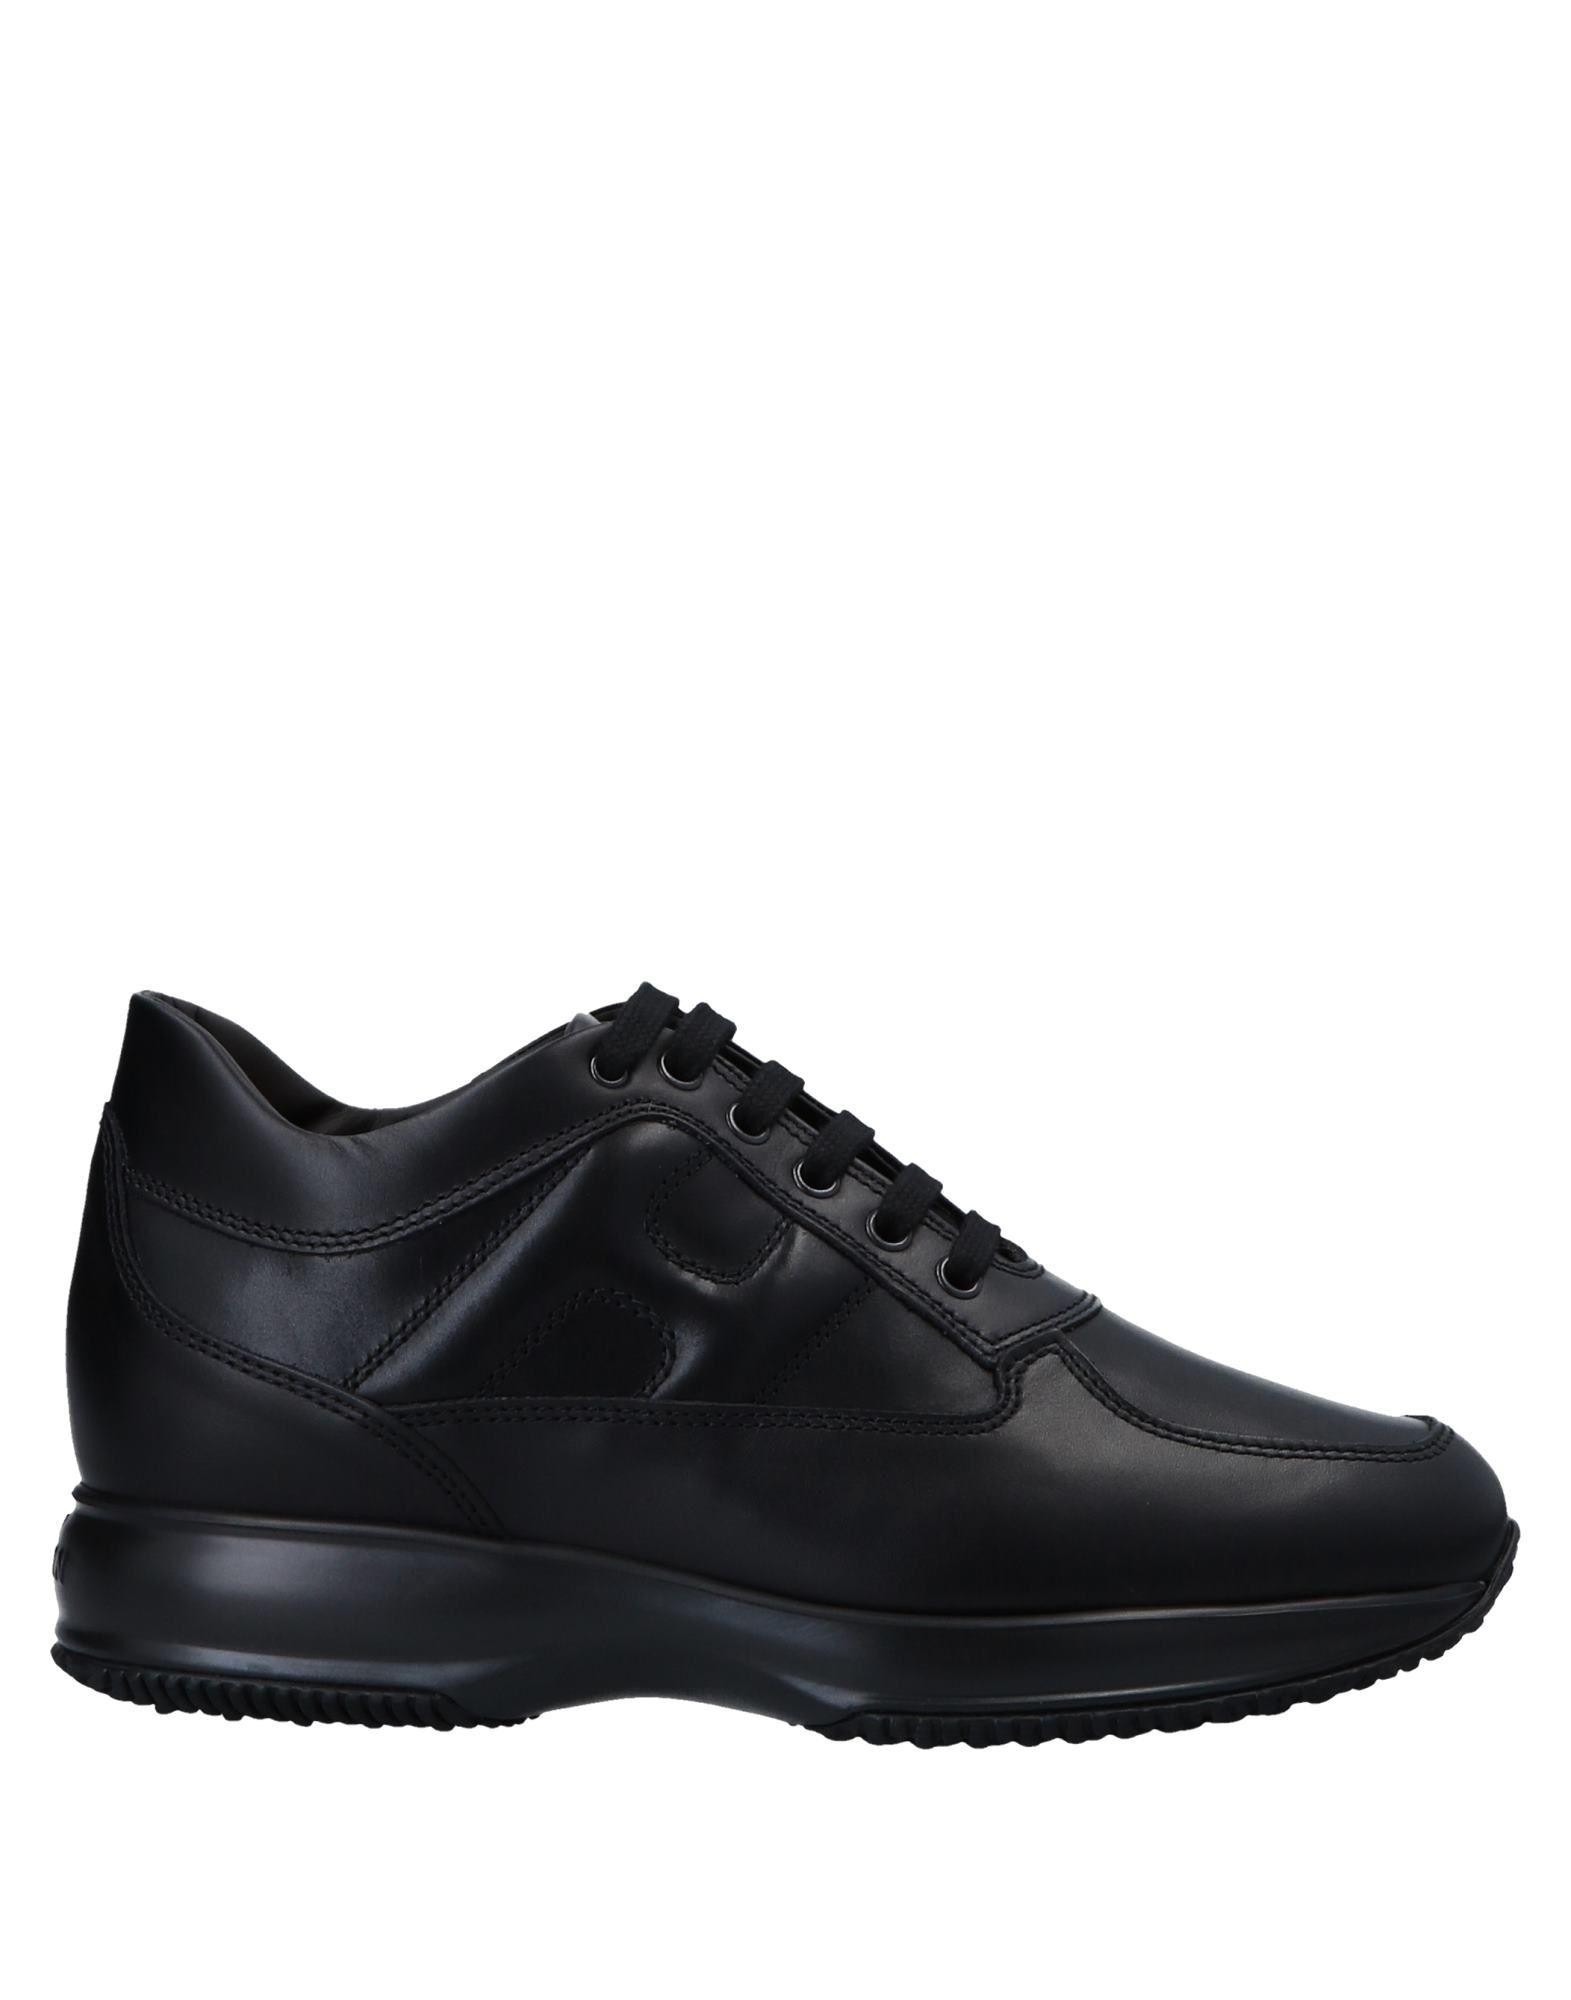 Hogan Sneakers Herren  11560292PE Gute Qualität beliebte Schuhe